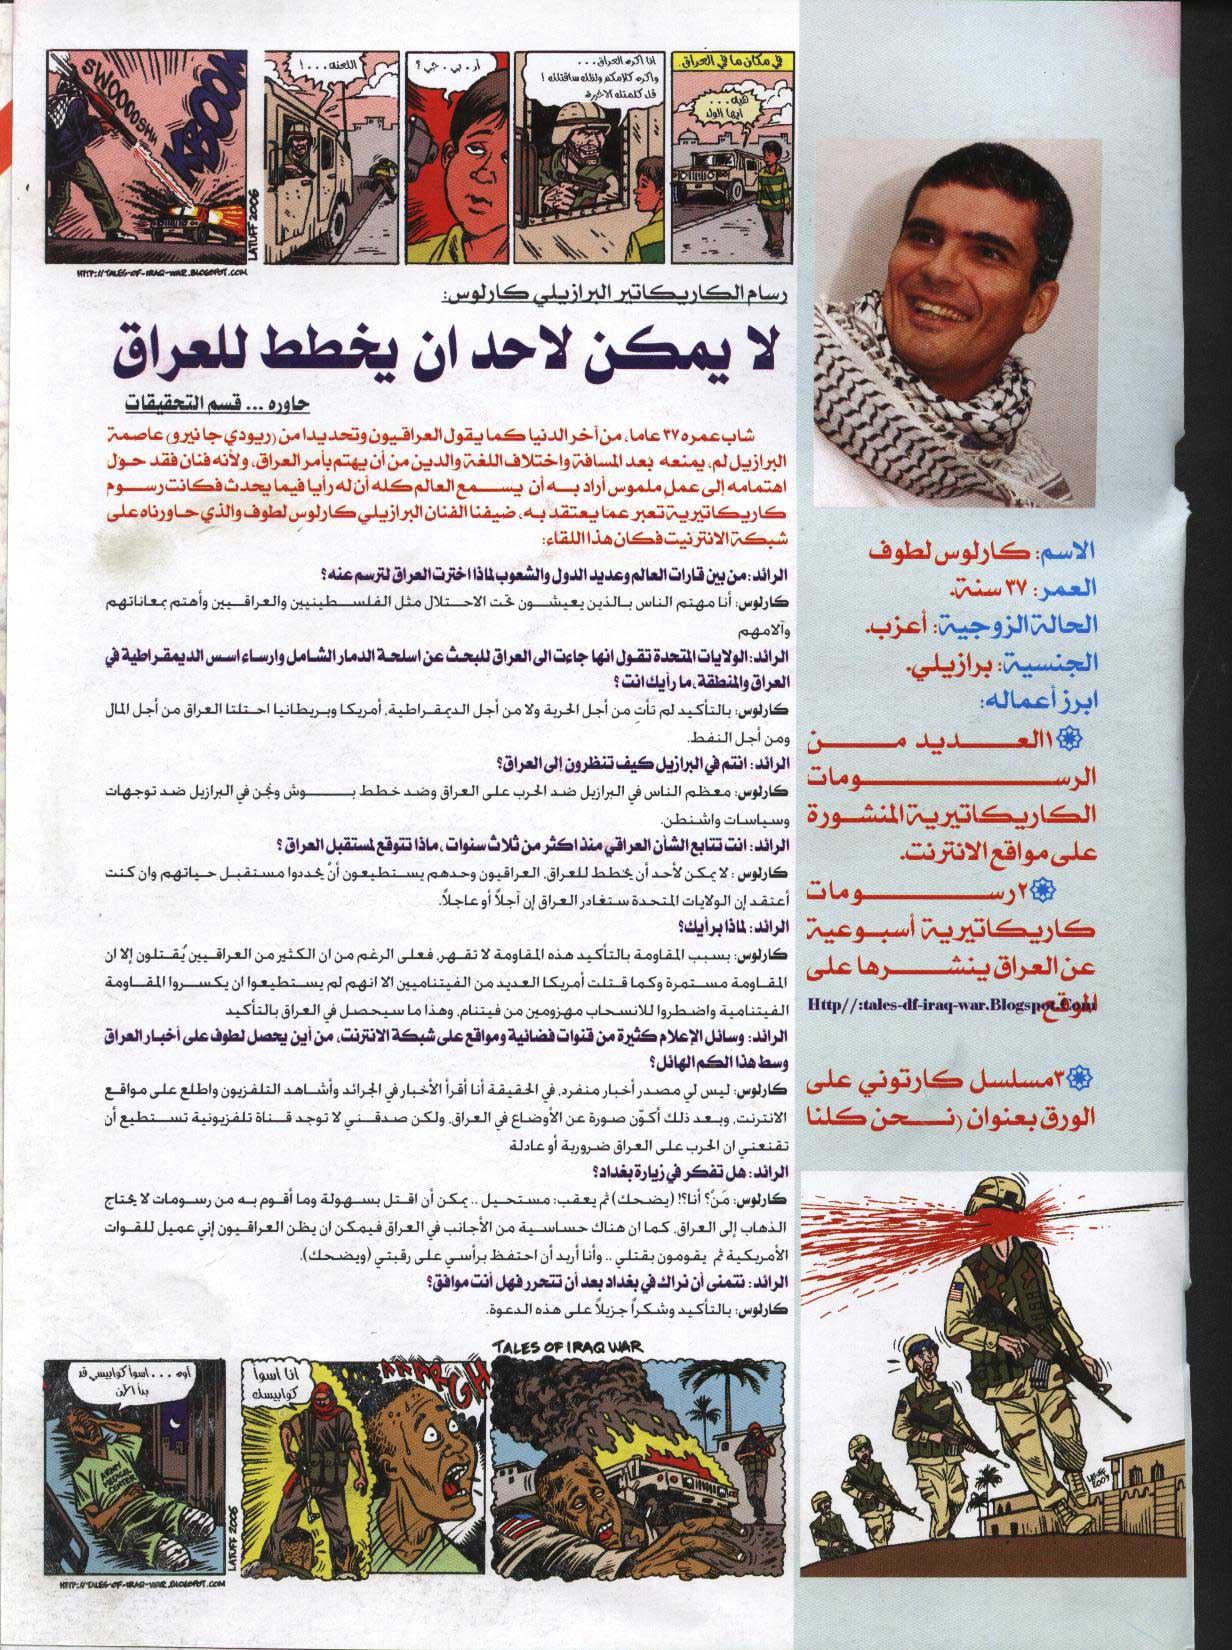 Comics read by IRAQIS in IRAQ by Latuff2